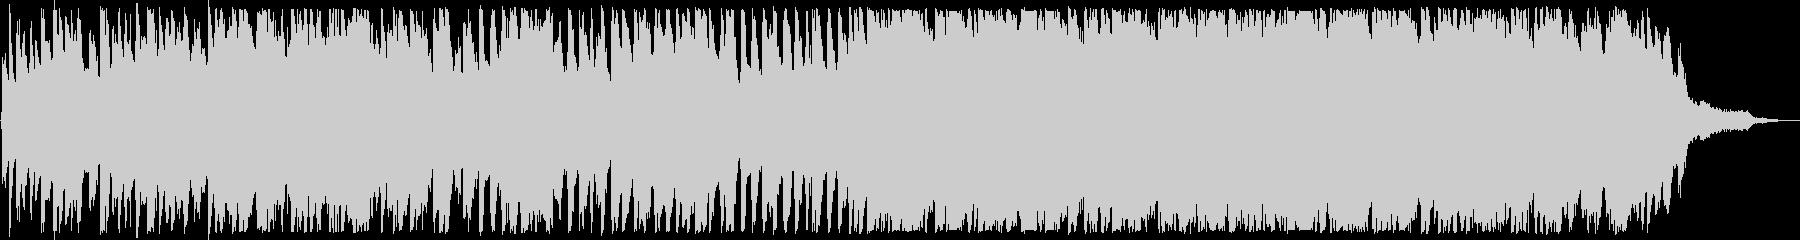 美しく感動的なバラードの未再生の波形